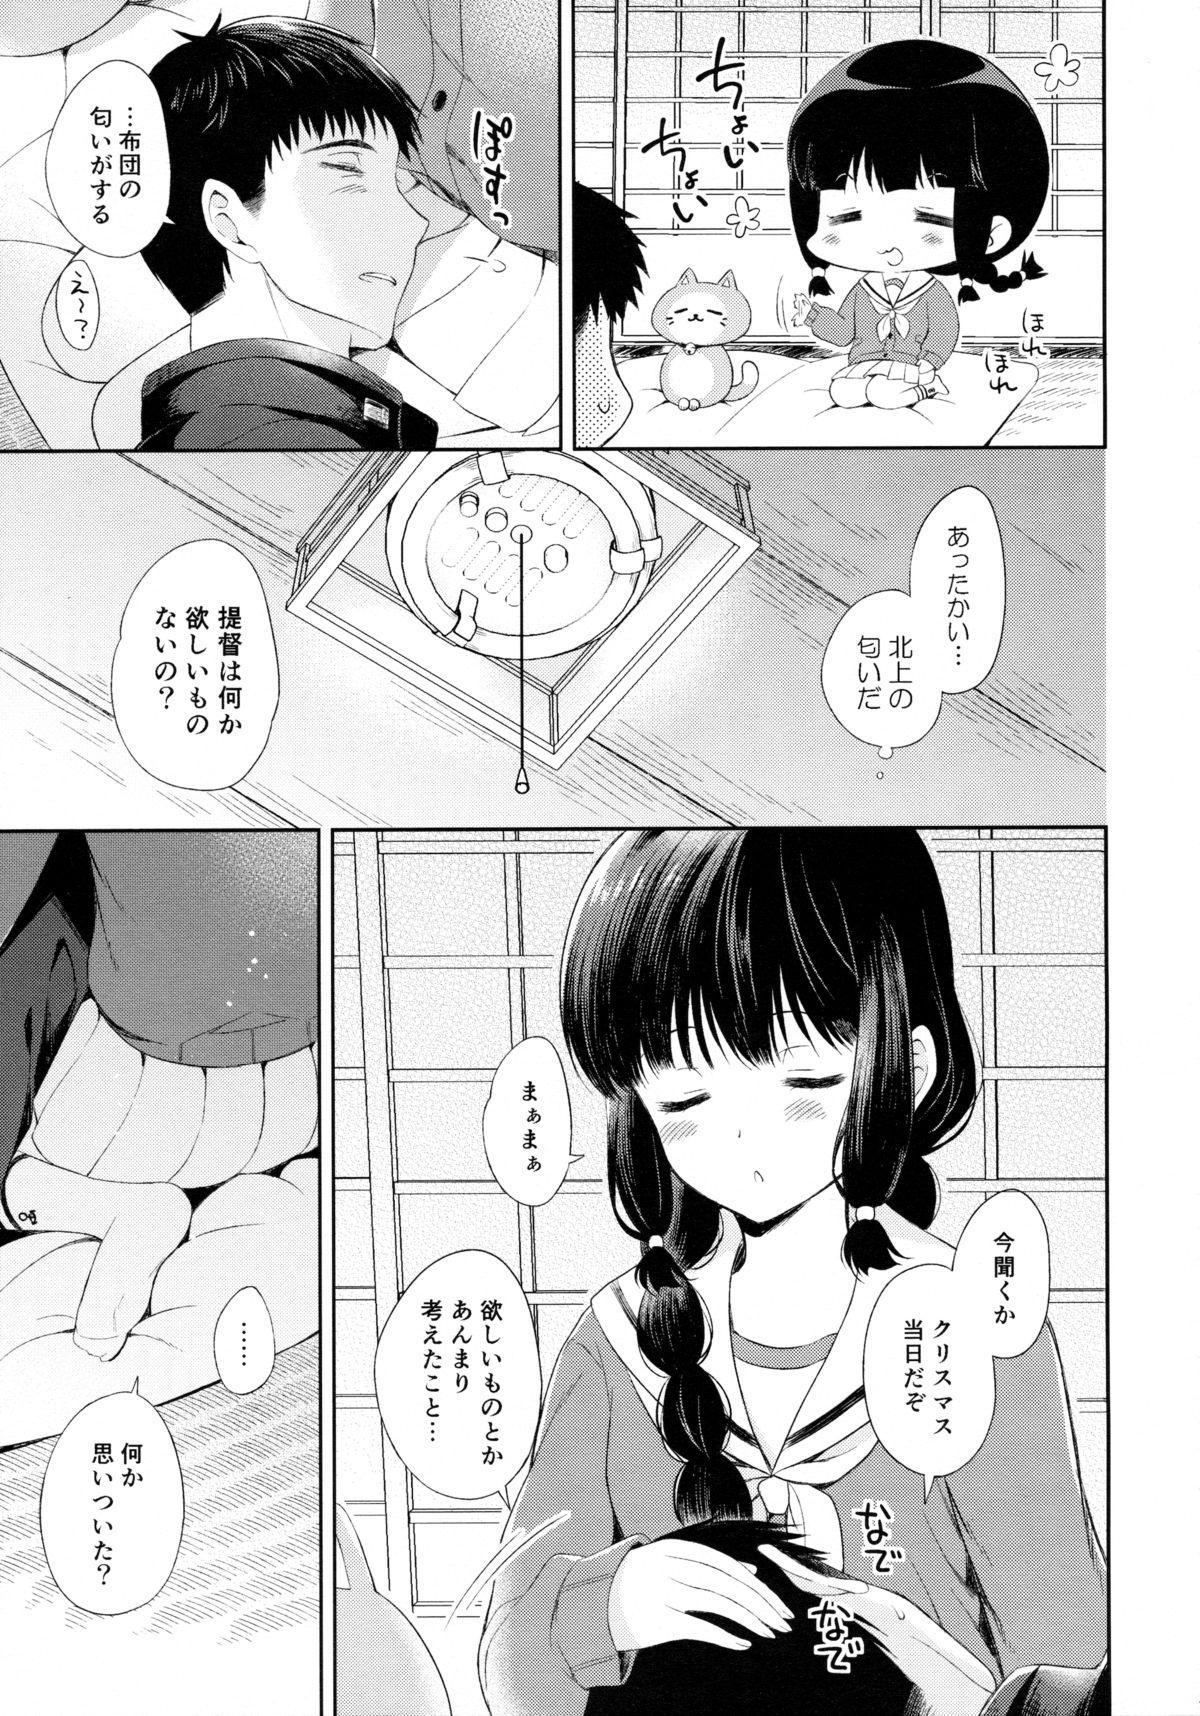 Kitakami-san to Teitoku ga Zutto Issho ni Kurasu Ohanashi. 9